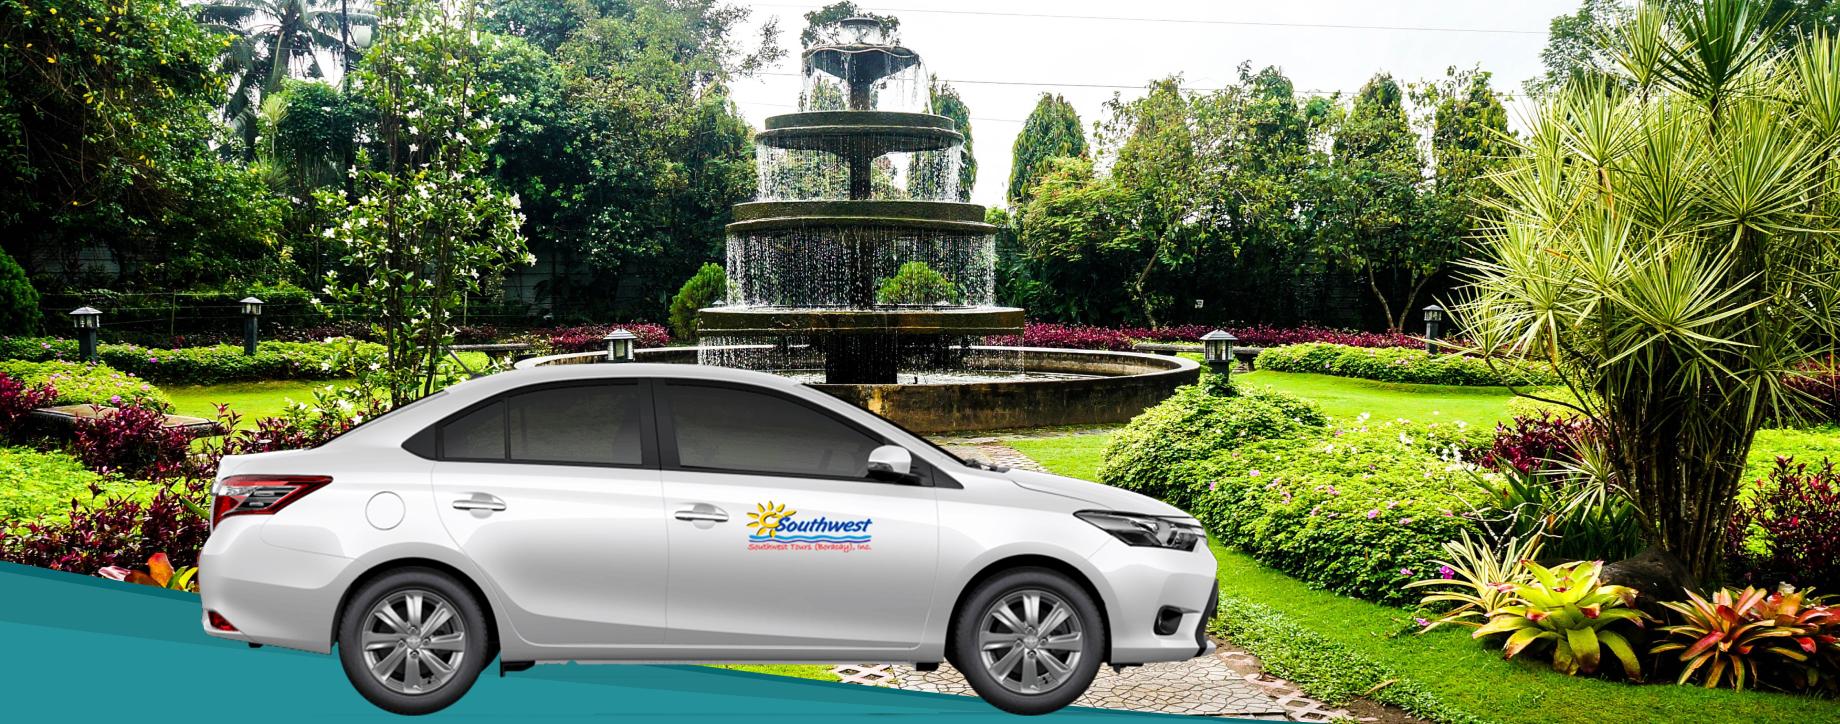 Bacolod City to Escalante/Ilog/Dacalan/Valle Hermoso/Vito Private Car Transfer